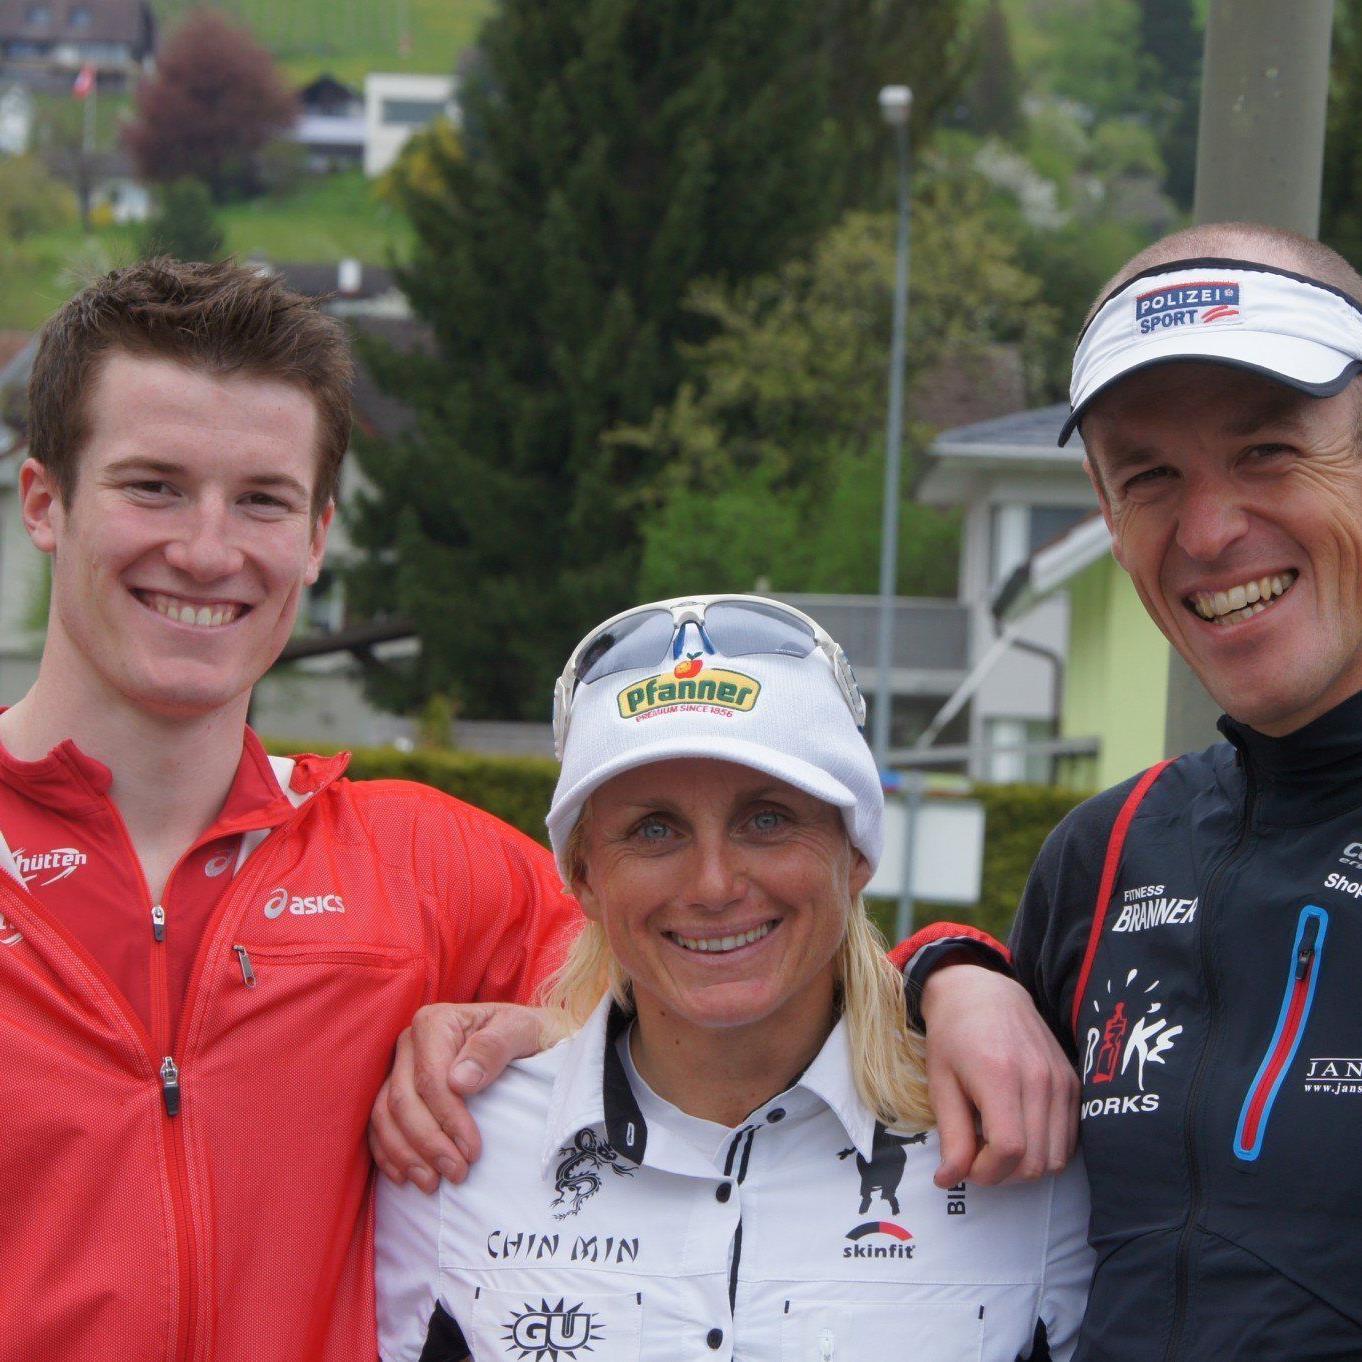 Martin Bader, Yvonne van Vlerken und Mathias Buxhofer sorgten für einen Sieg, und gute Platzierungen.